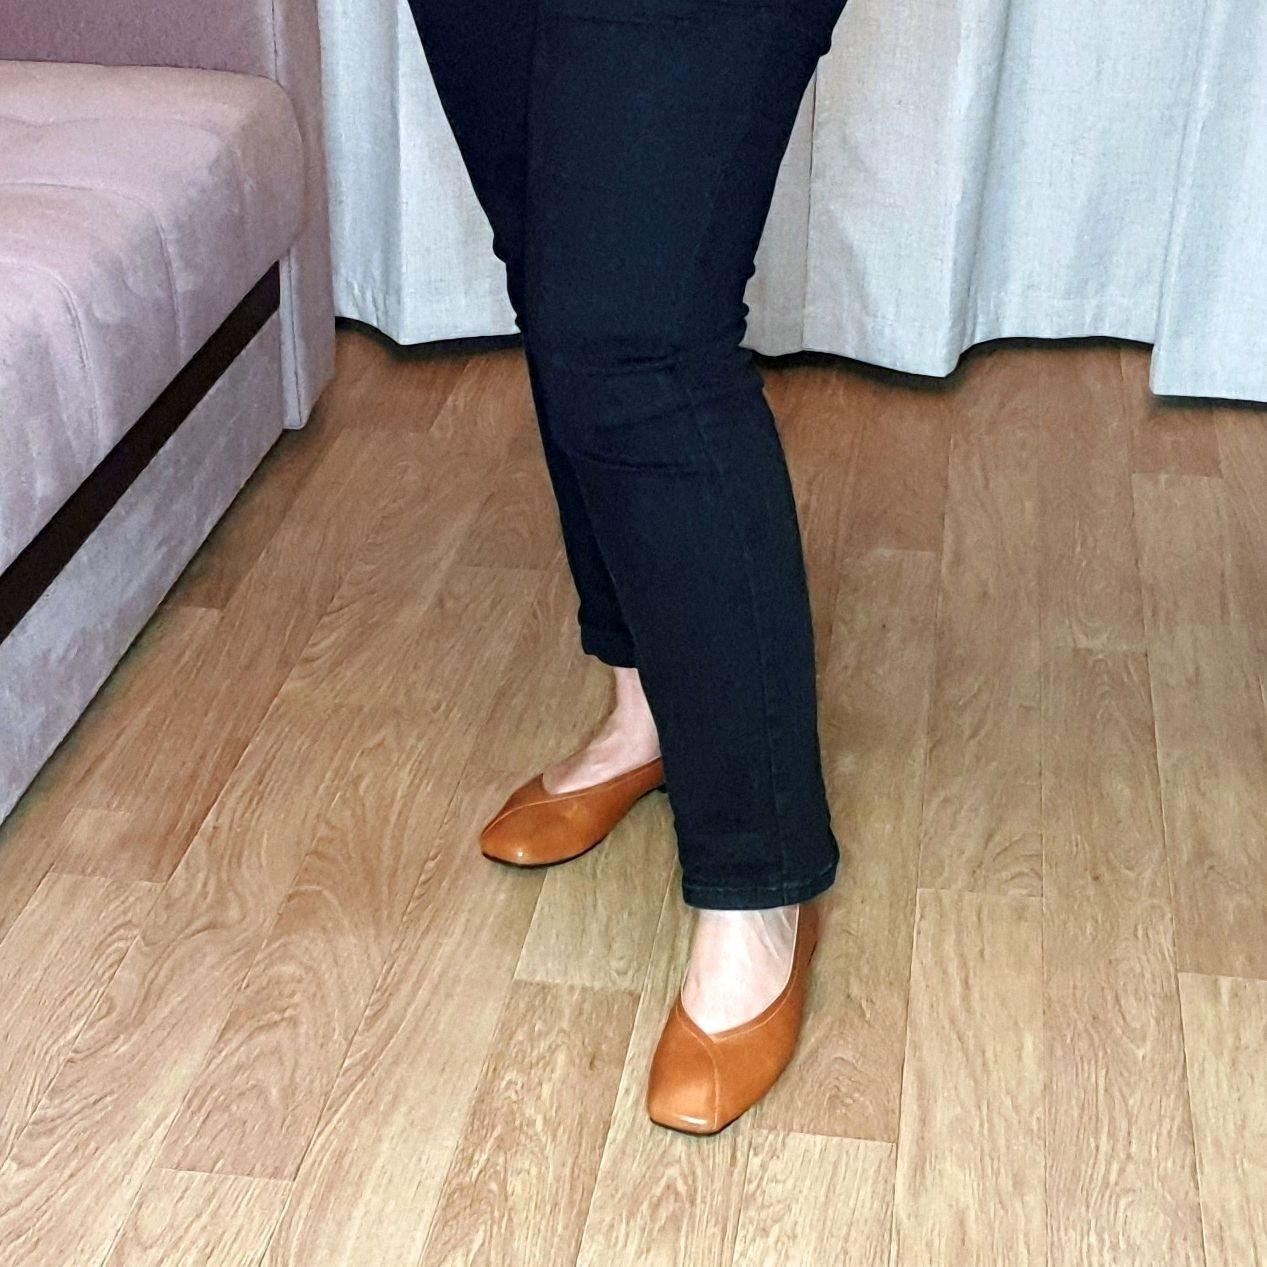 Отличные кожаные туфли на каждый день: распаковка и примерка. - инструкция